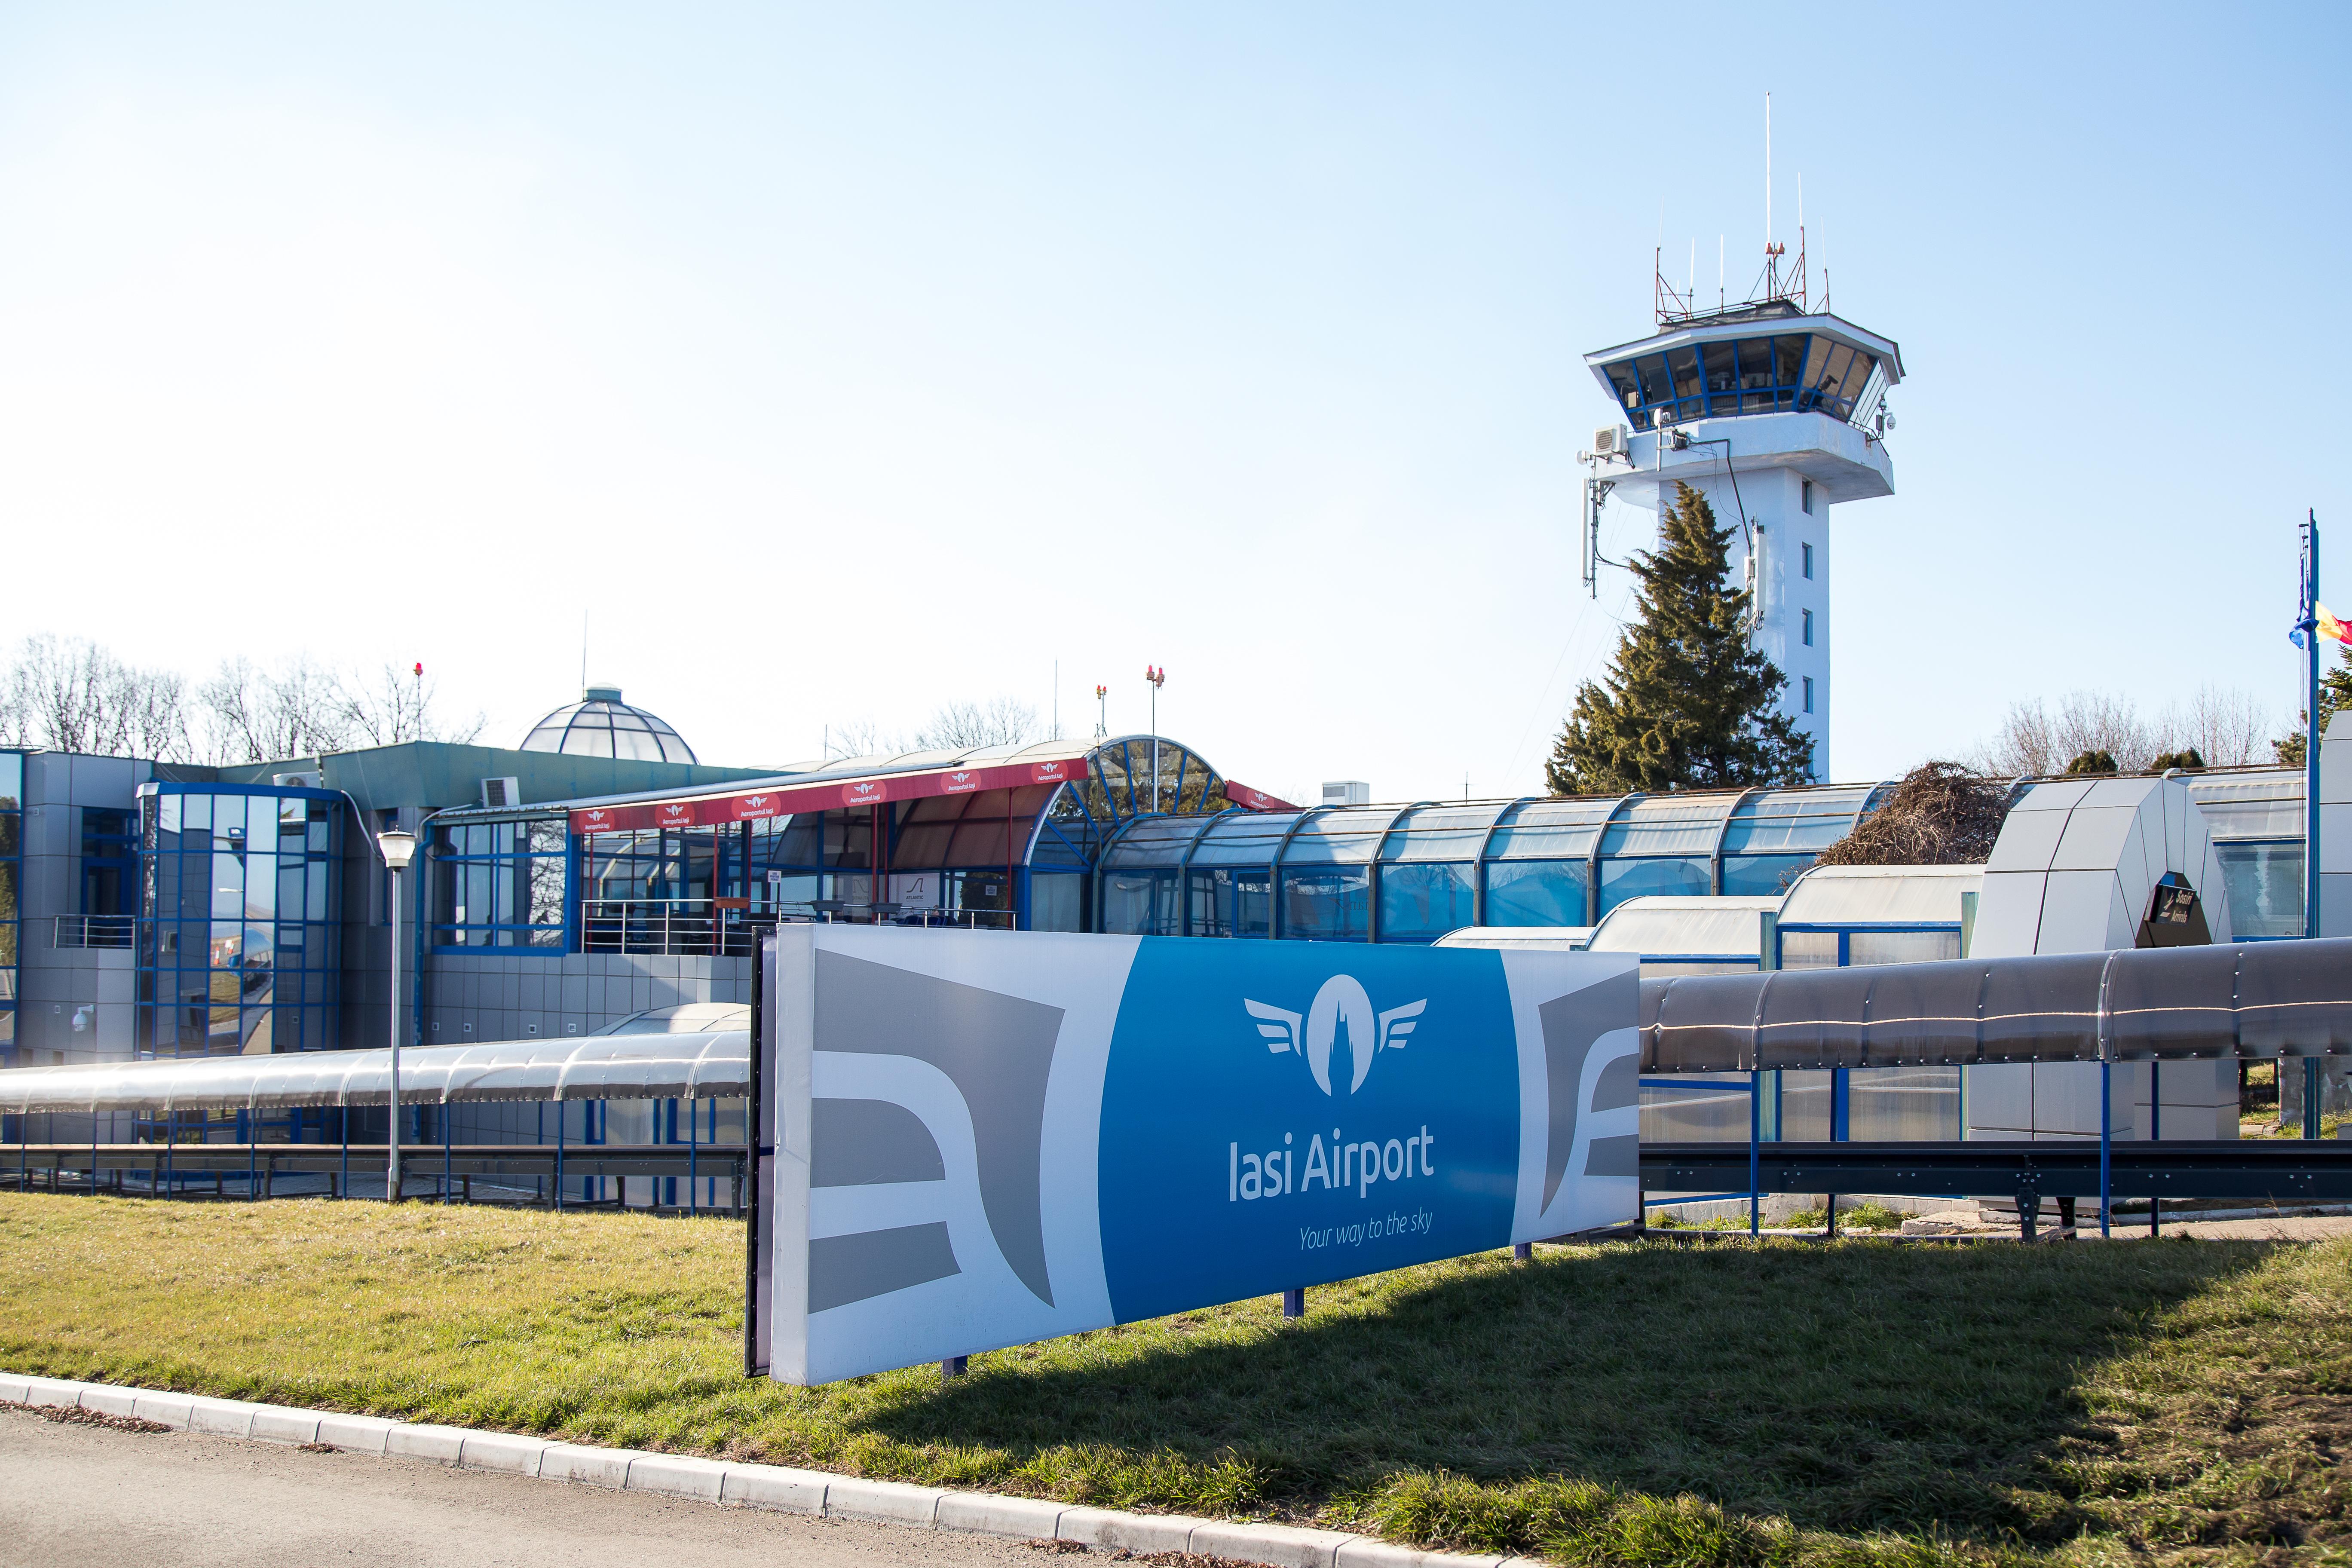 Directorul Aeroportul Internațional Iași anunță operarea de curse către Timișoara și Cluj